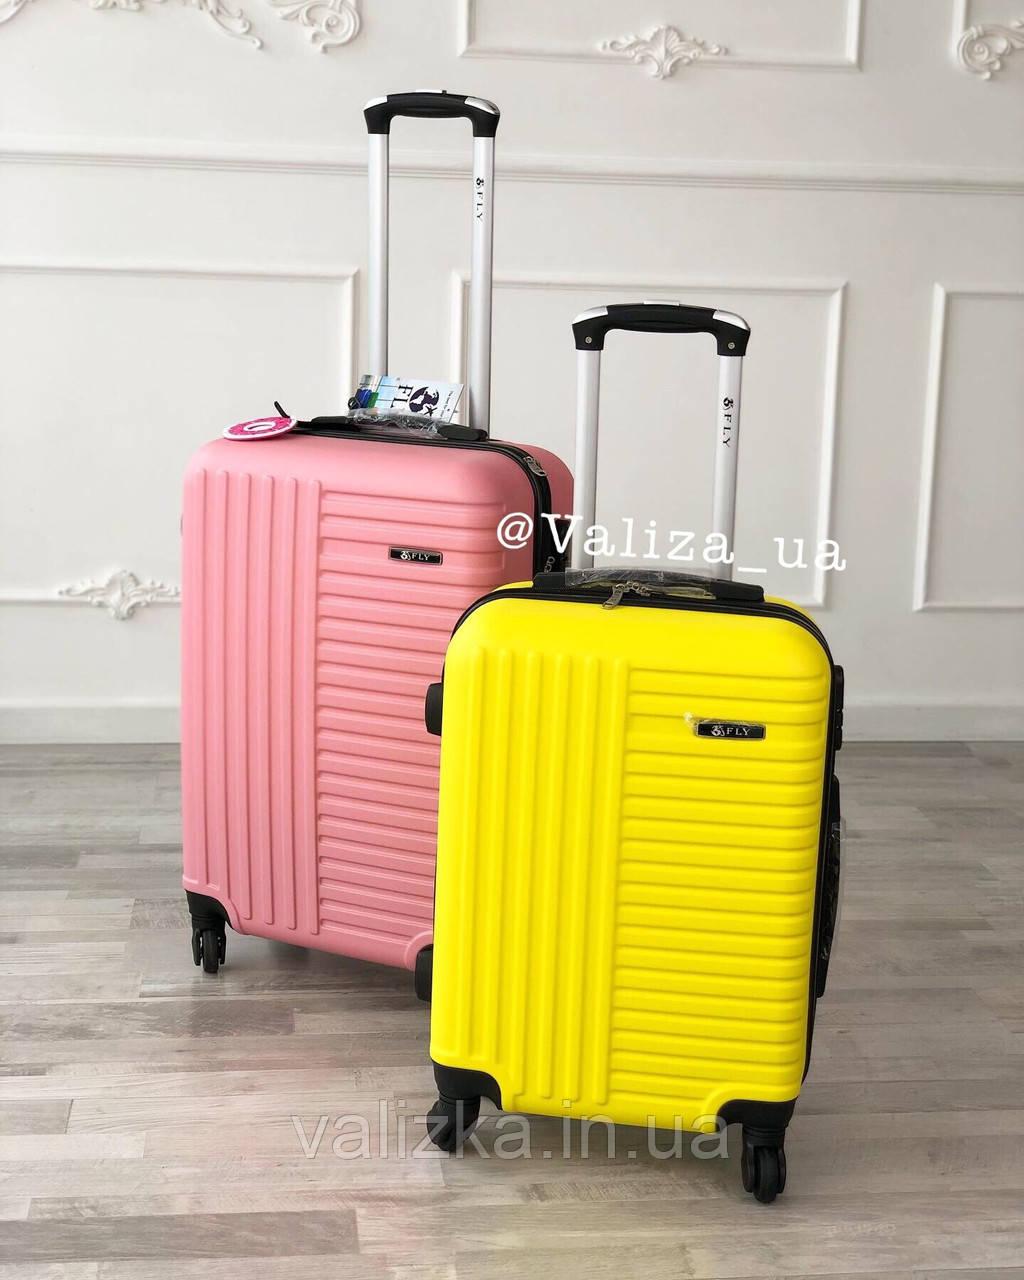 Пластиковый чемодан малый для ручной клади желтый S+  / Пластикова валіза маленька жовта